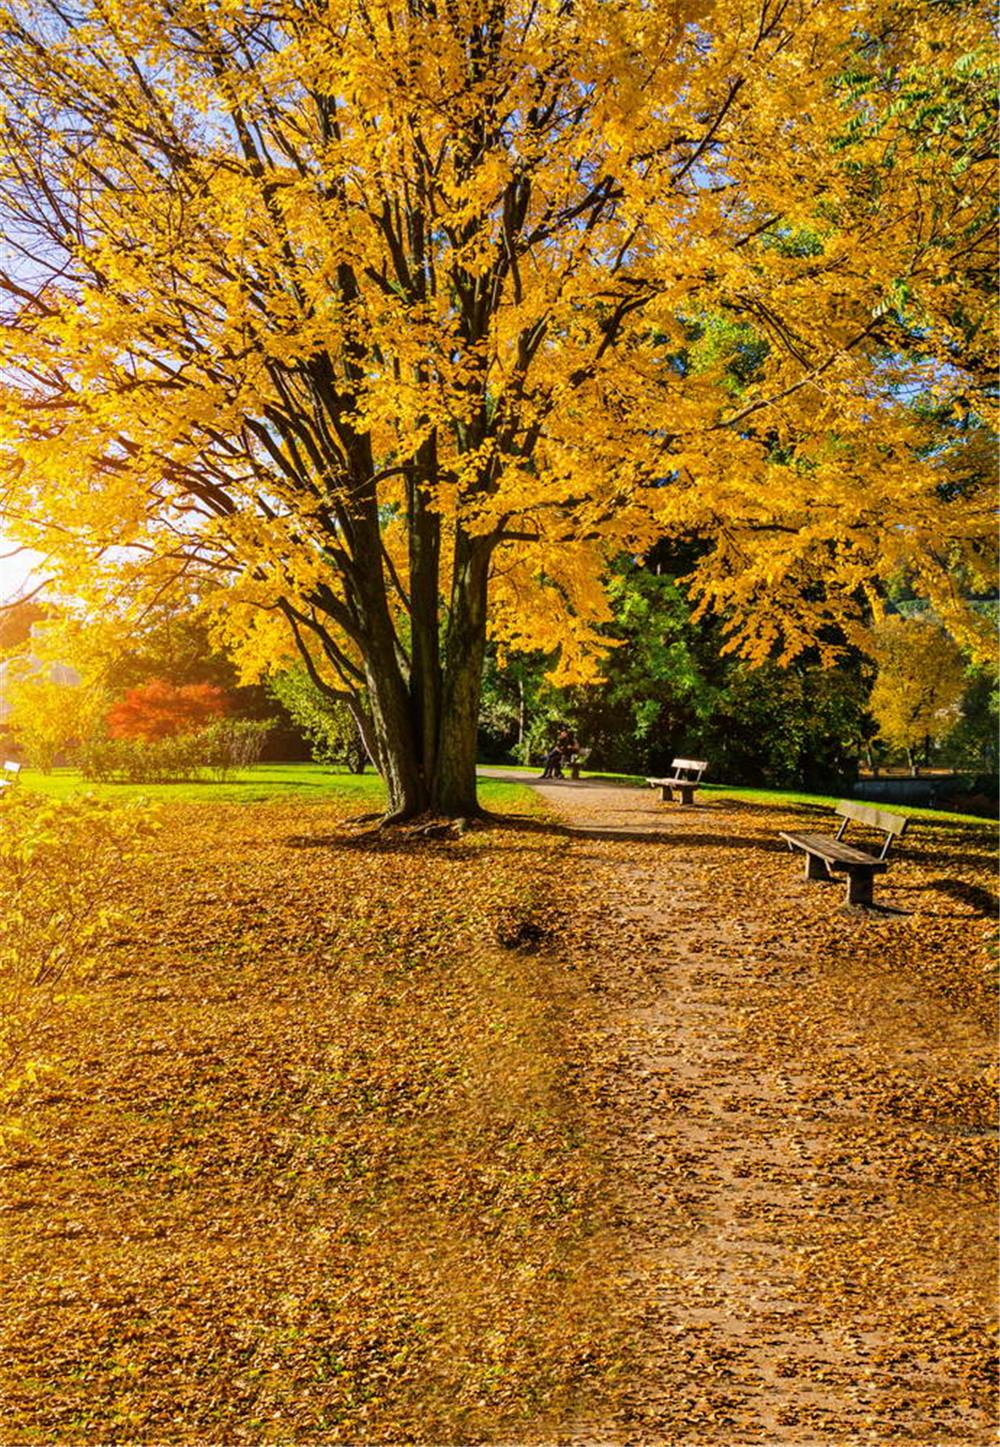 foto de Promotion Toile De Fond D'automne | Vente Toile De Fond D'automne ...